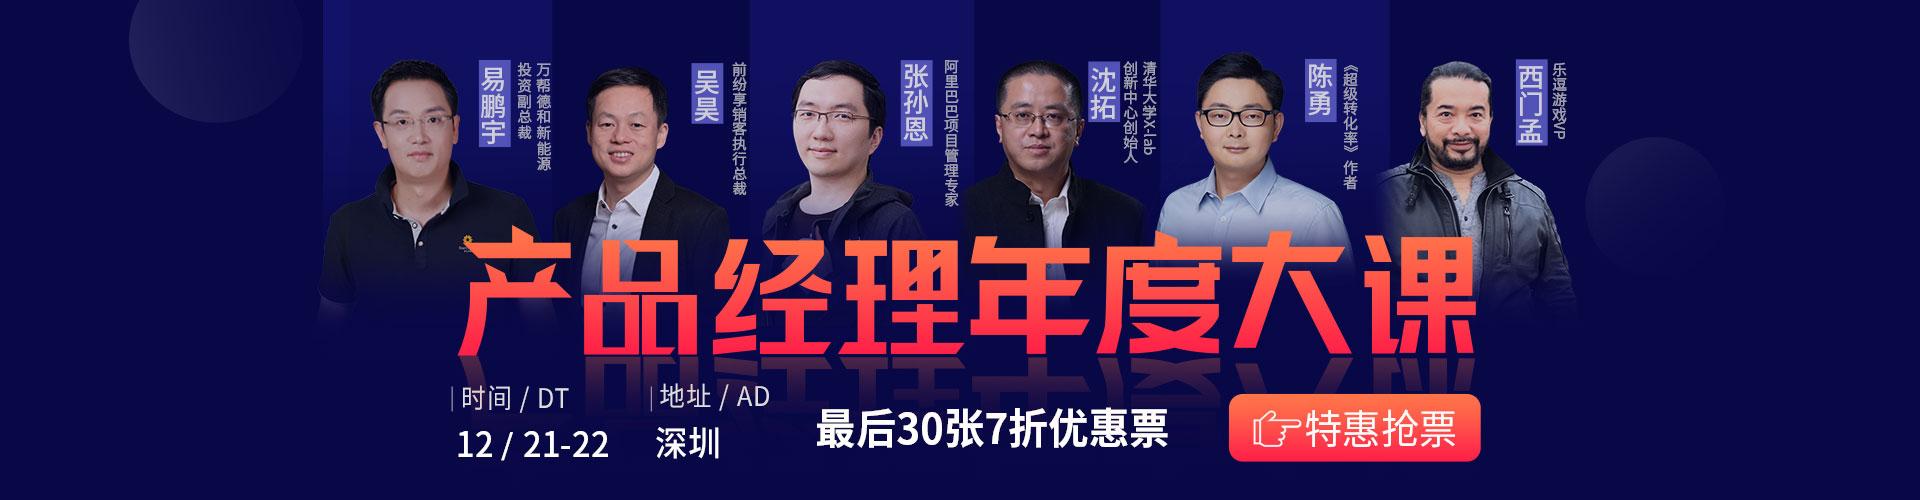 正式开启 | 12月21-22日·深圳,2019年终产品经理大会,与16位产品实战派,探2020产品新风向